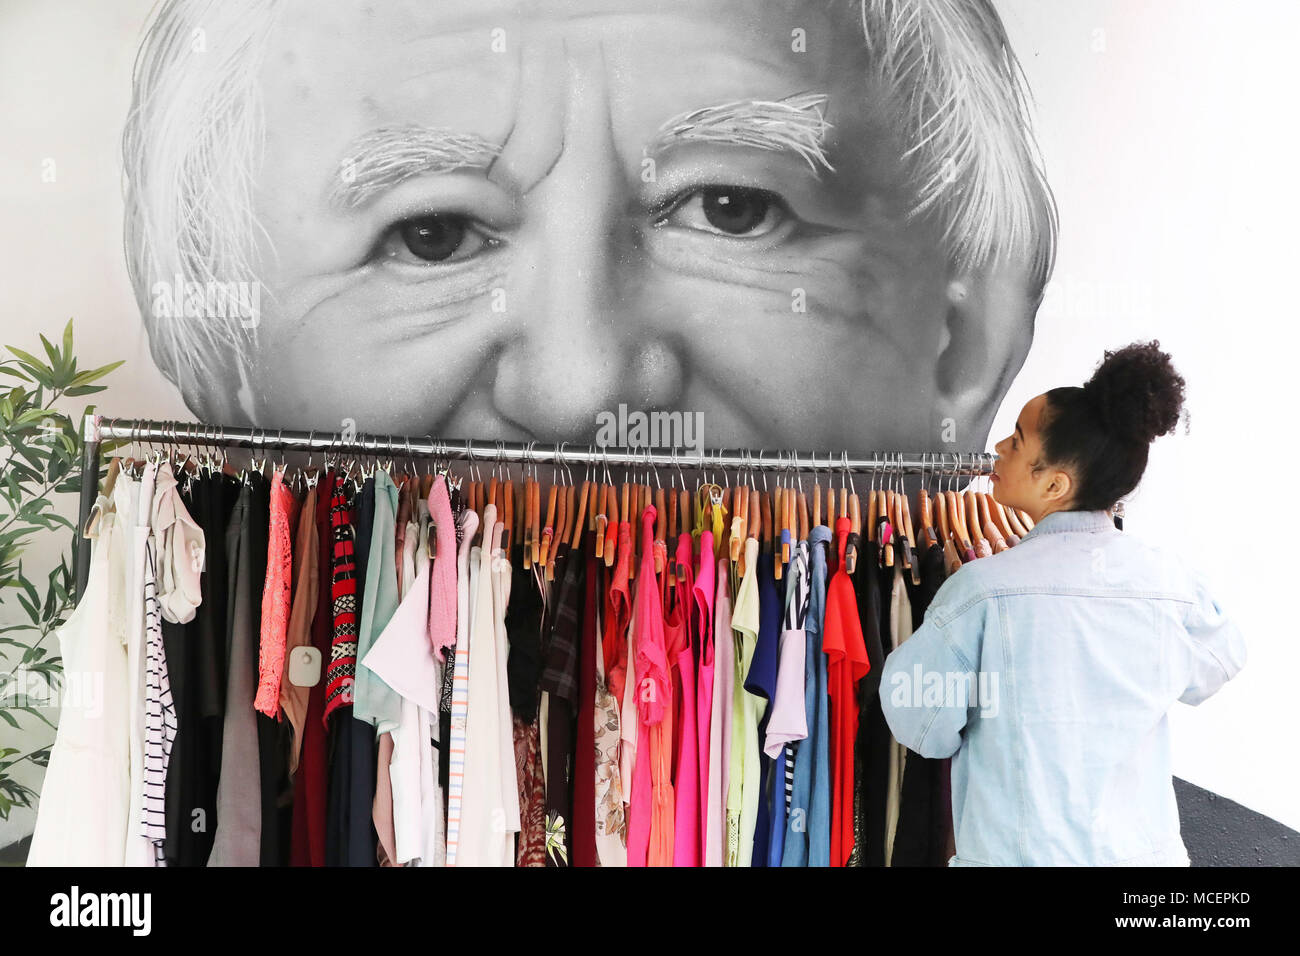 Subset Dublin Stock Photos Subset Dublin Stock Images Alamy